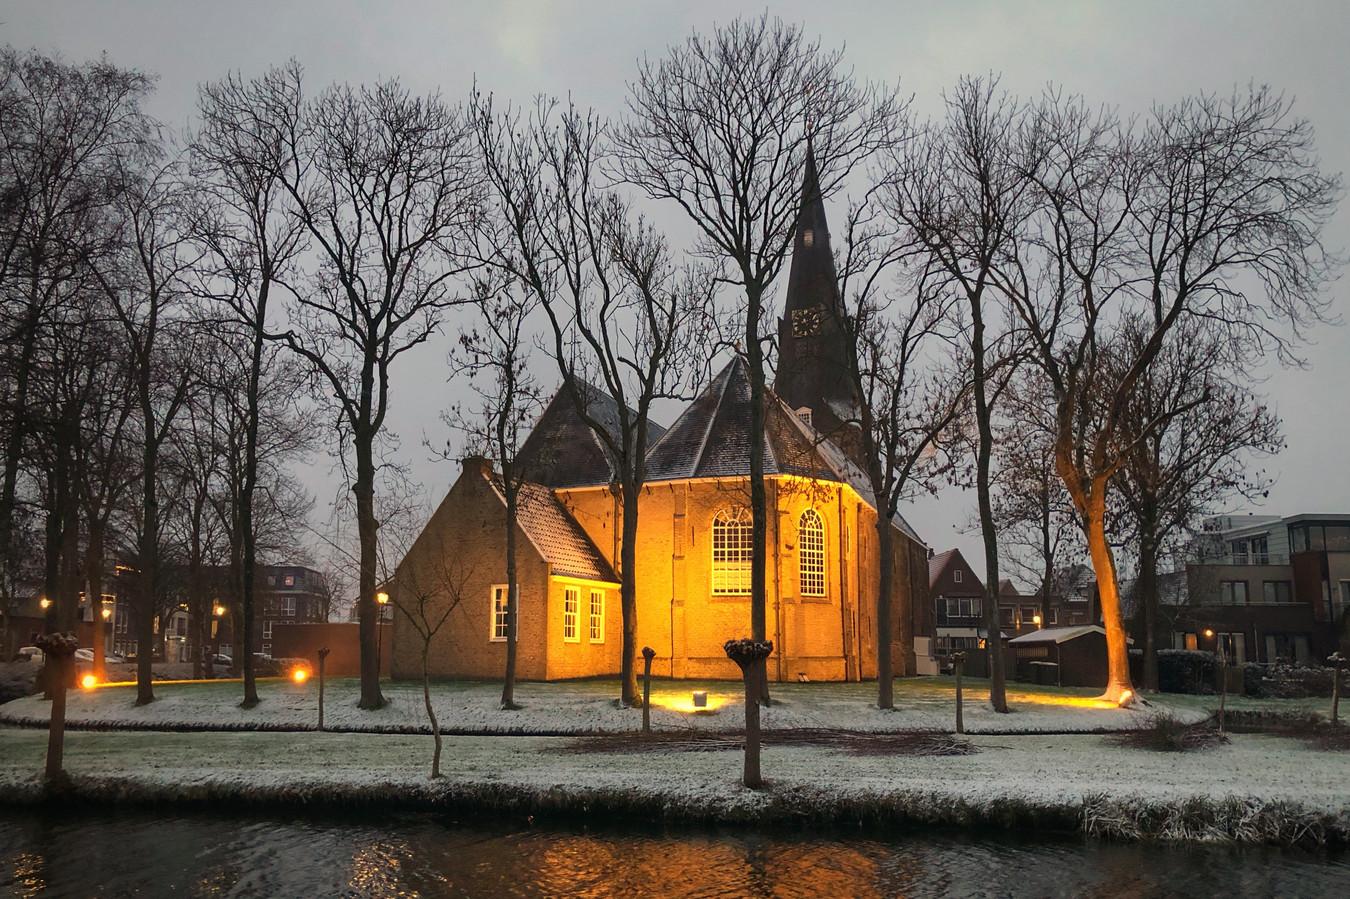 De dorpskerk in Zevenhuizen.